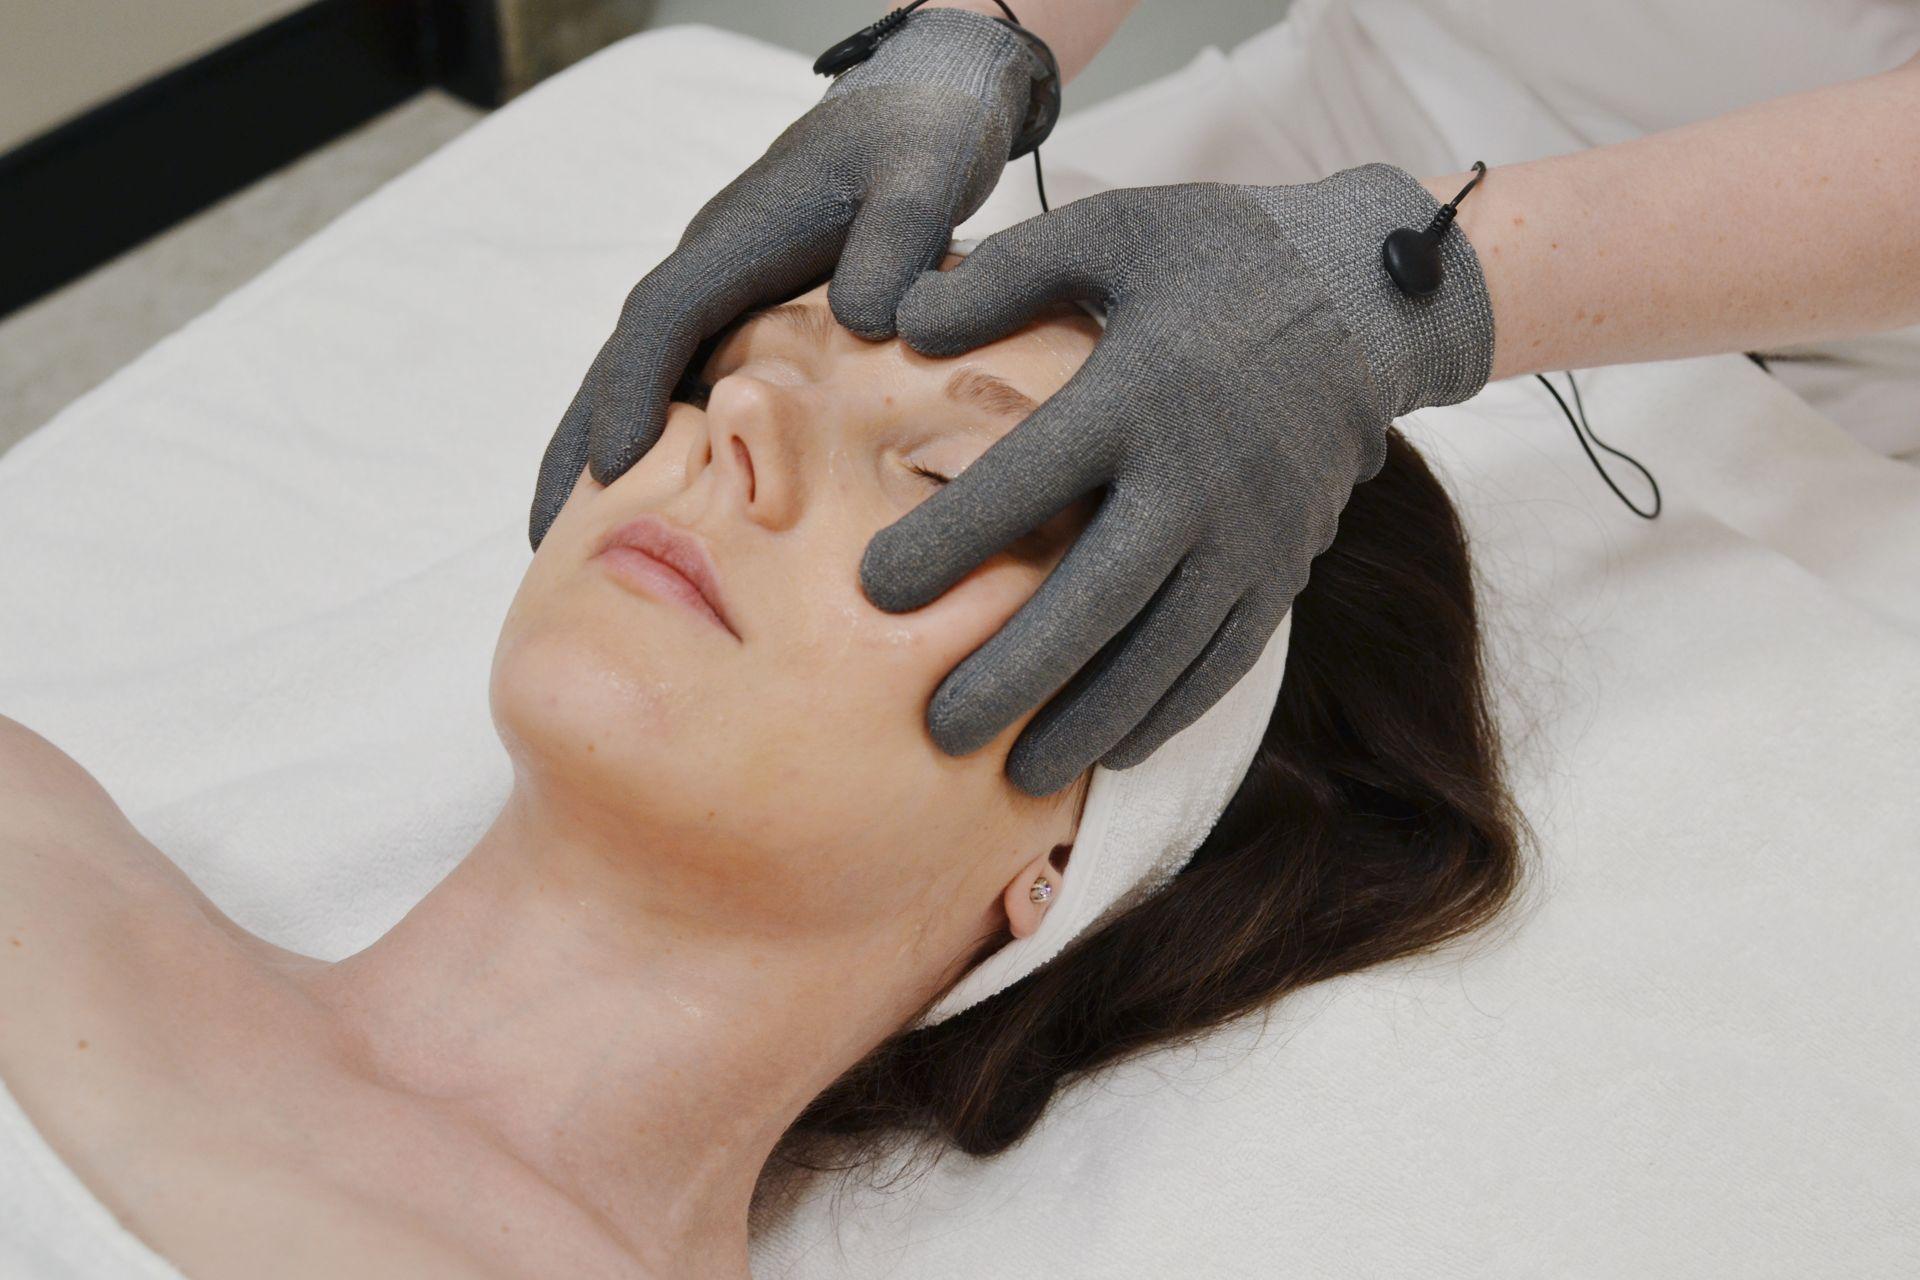 Микротоковая терапия лица и тела